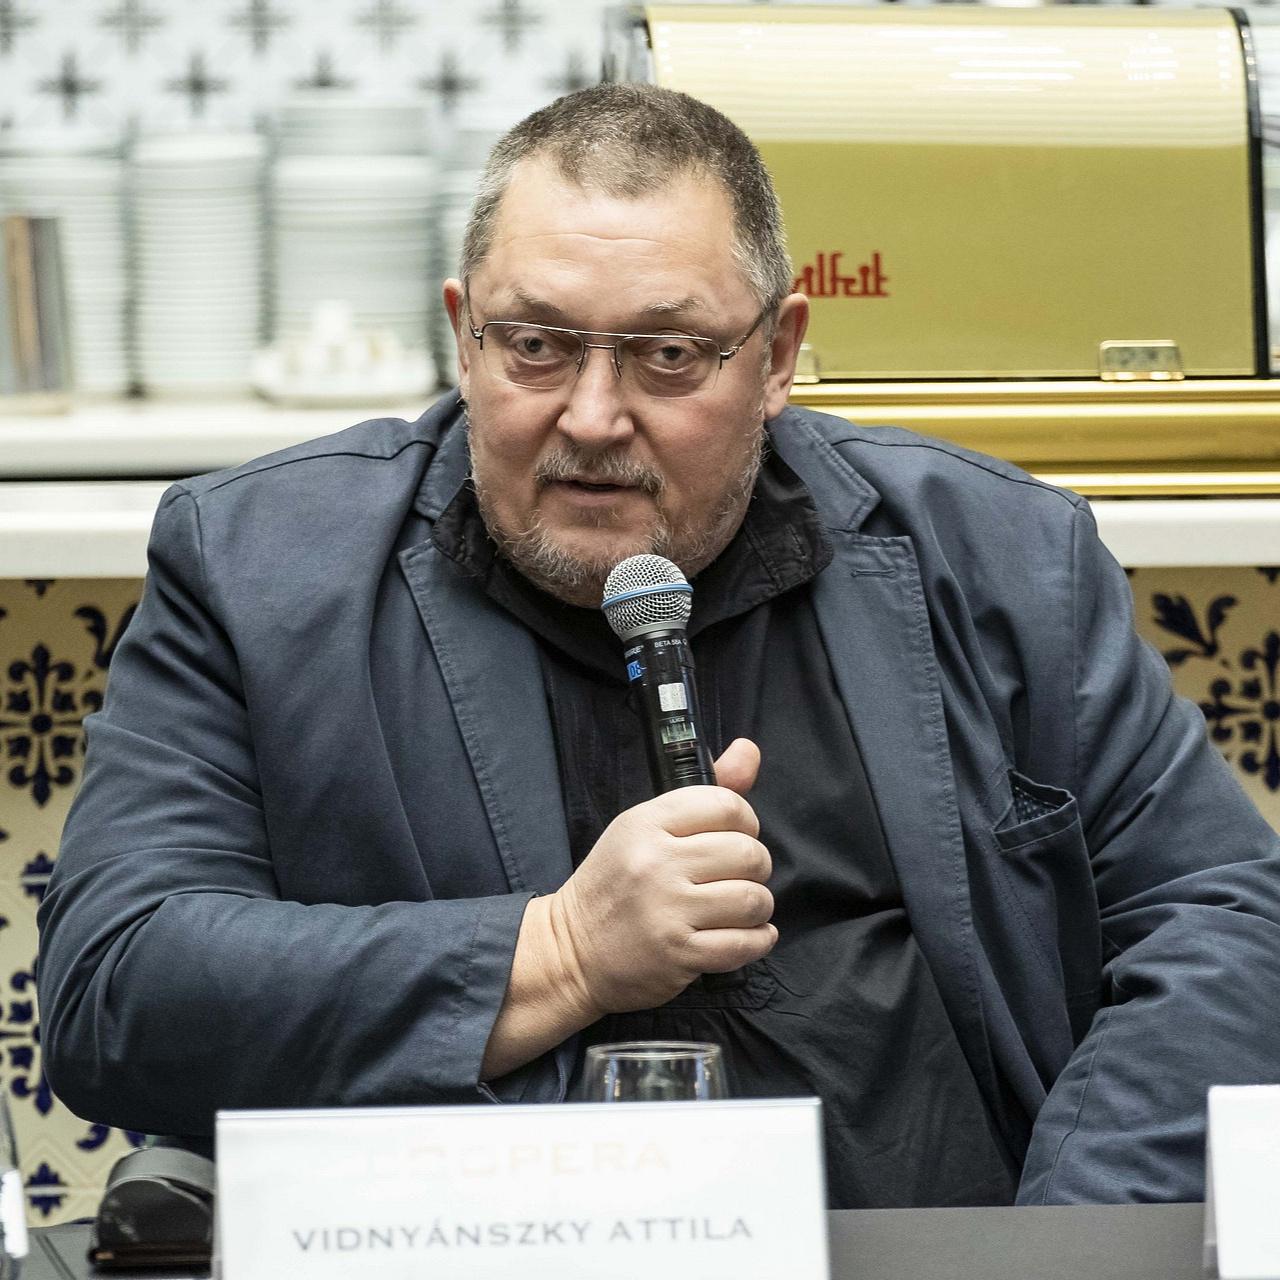 Felmondások és tiltakozás az SZFE-n Vidnyánszky Attila kinevezése miatt